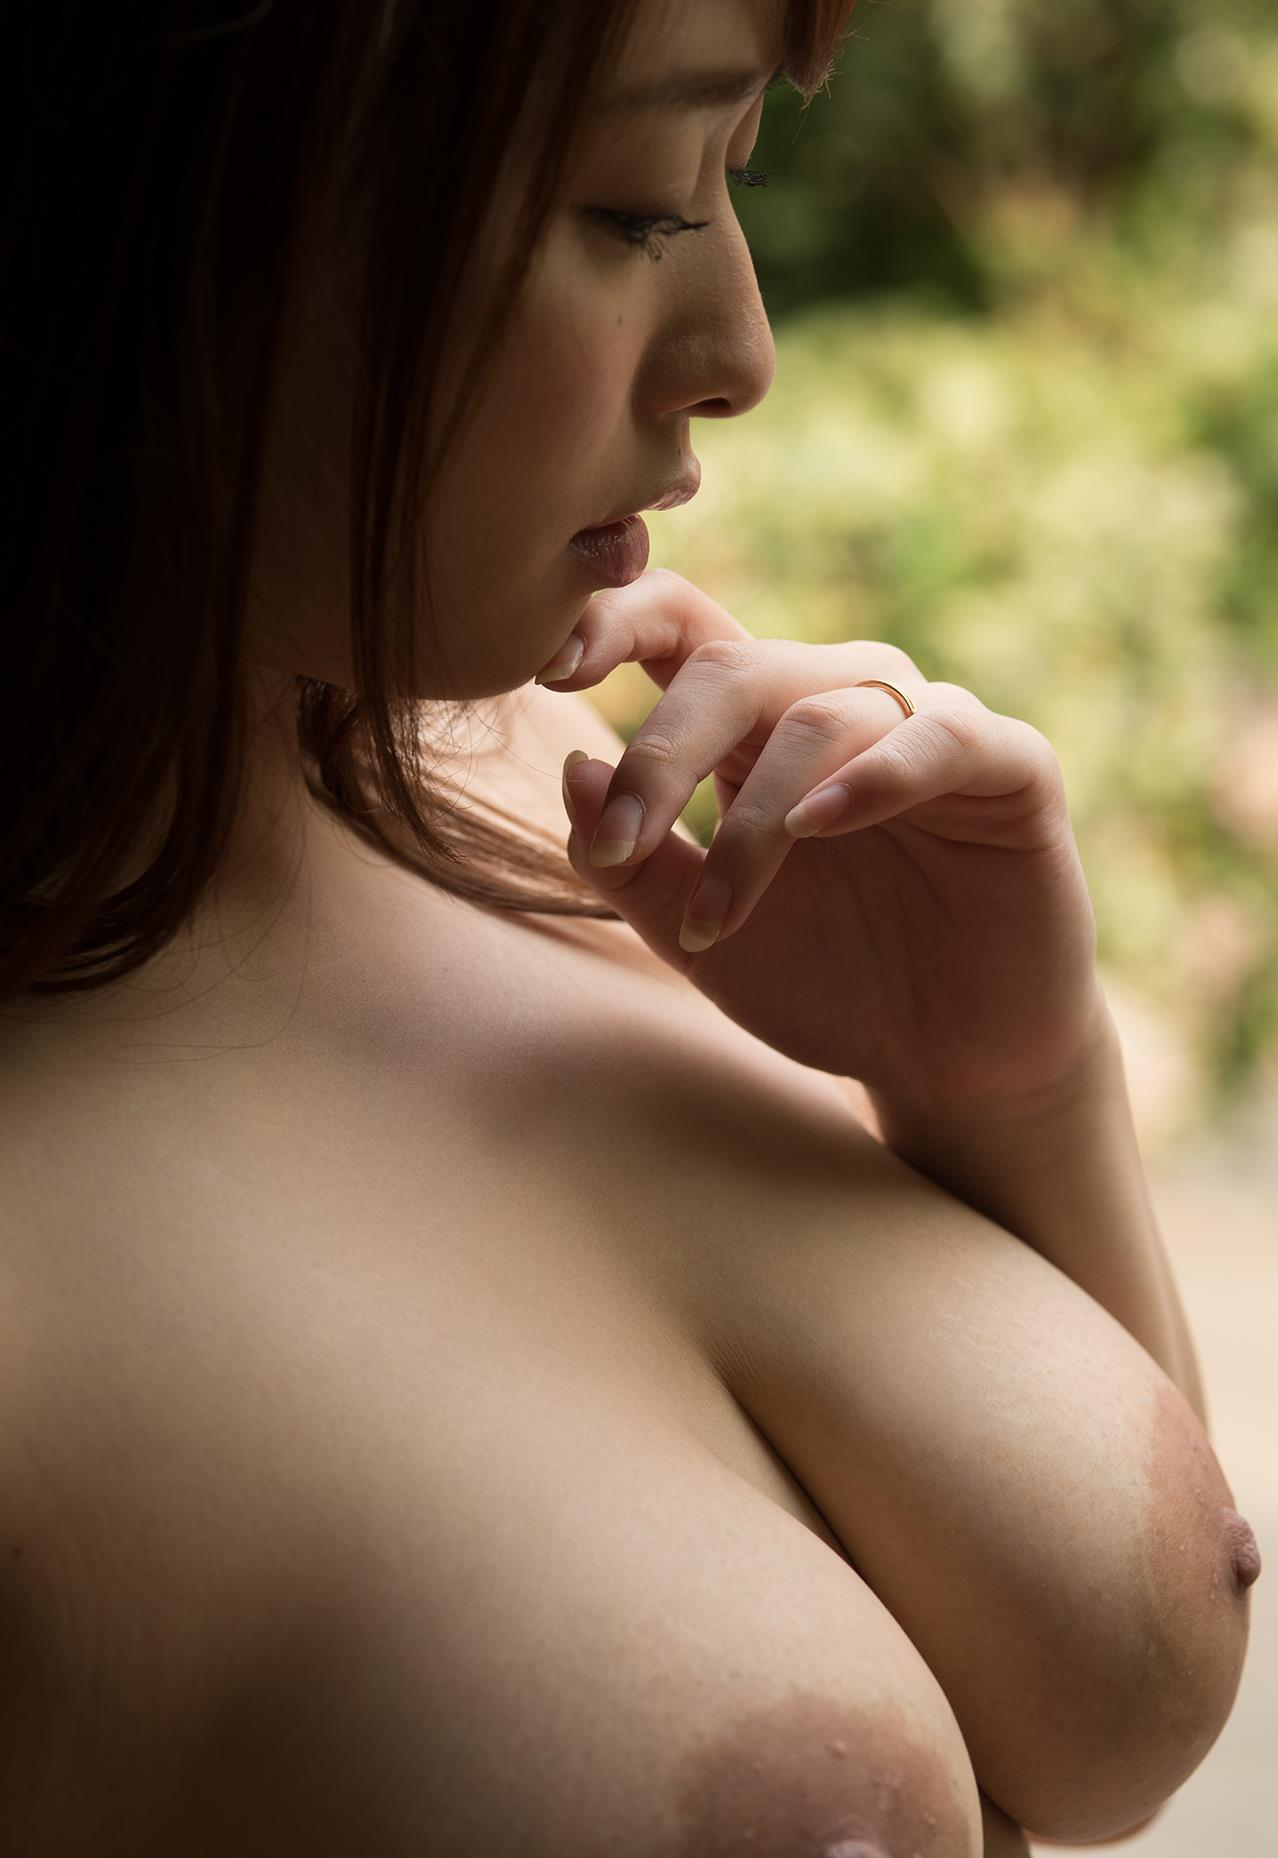 白石茉莉奈 画像 51